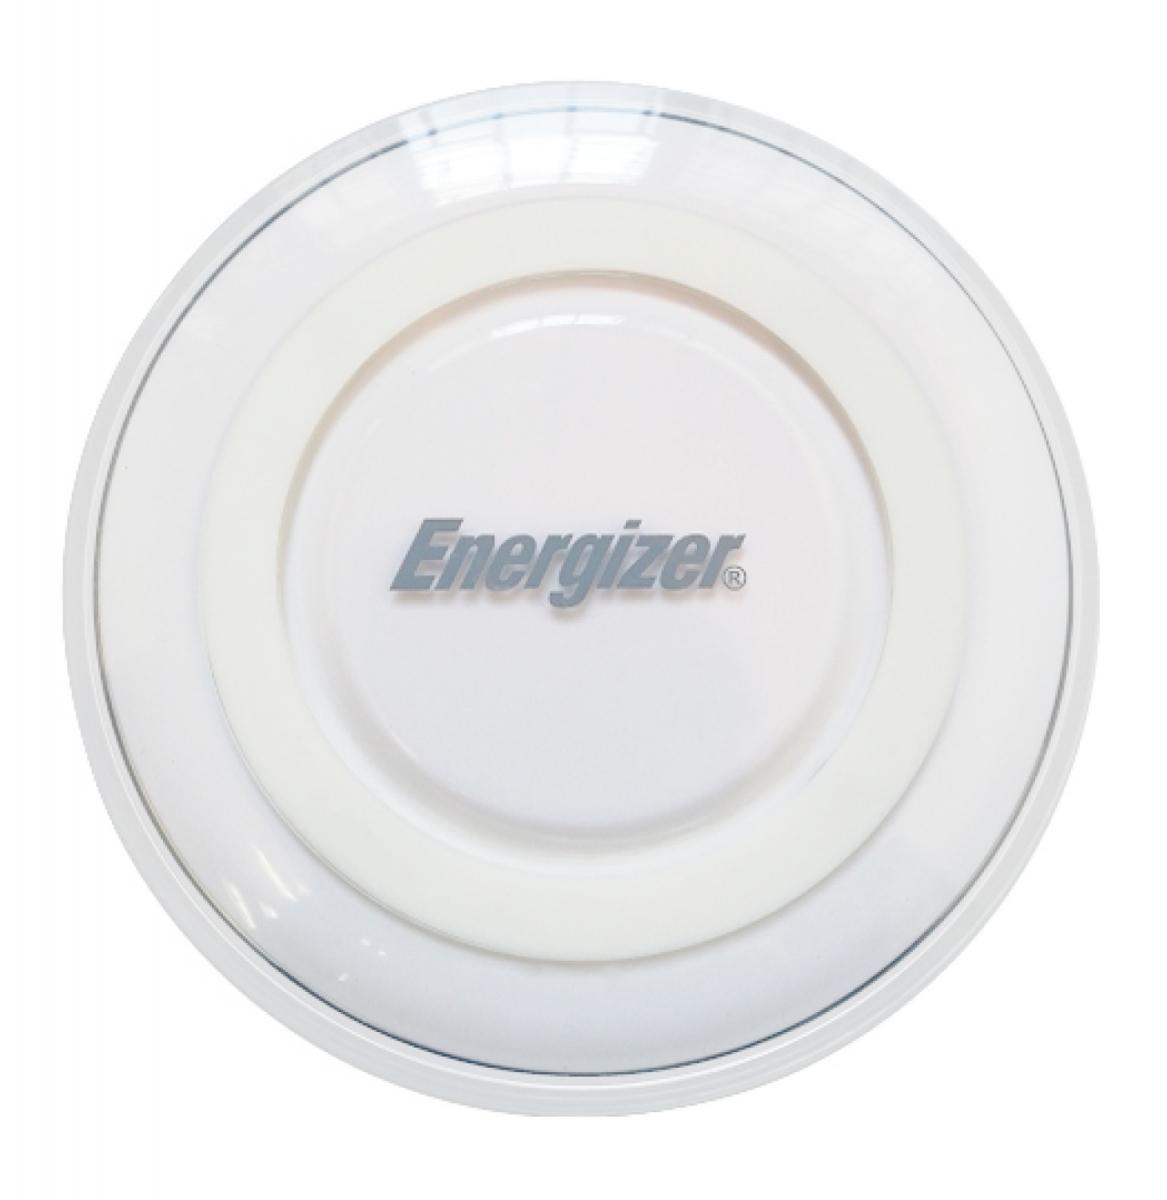 უსადენო დამტენი ENERGIZER 5W WIRELESS CHARGER WHITE